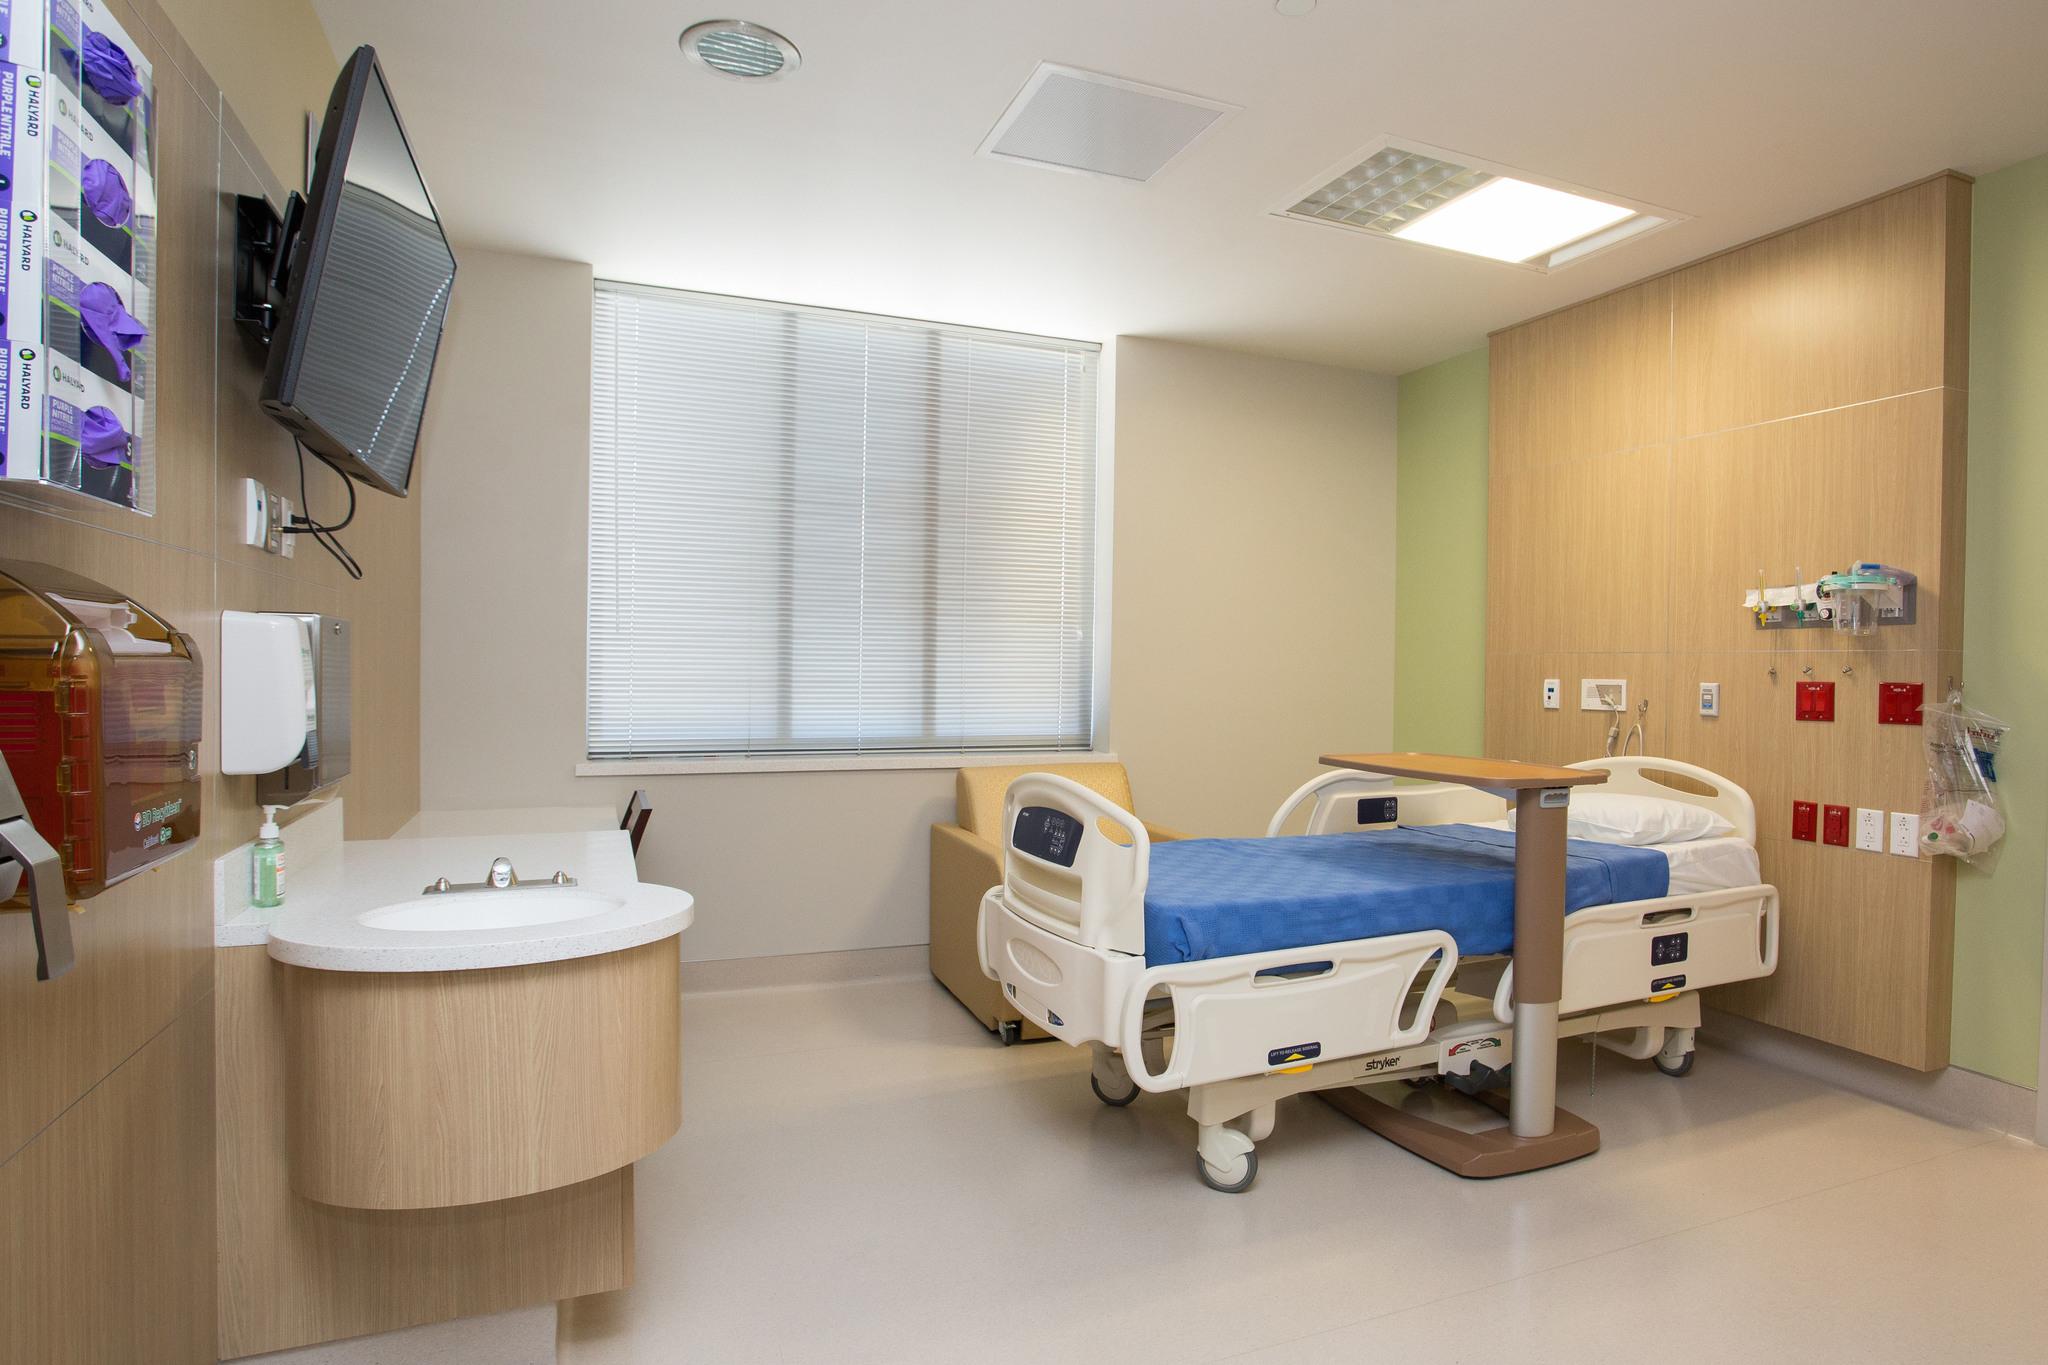 St. Rose Dominican, North Las Vegas Campus Patient Room